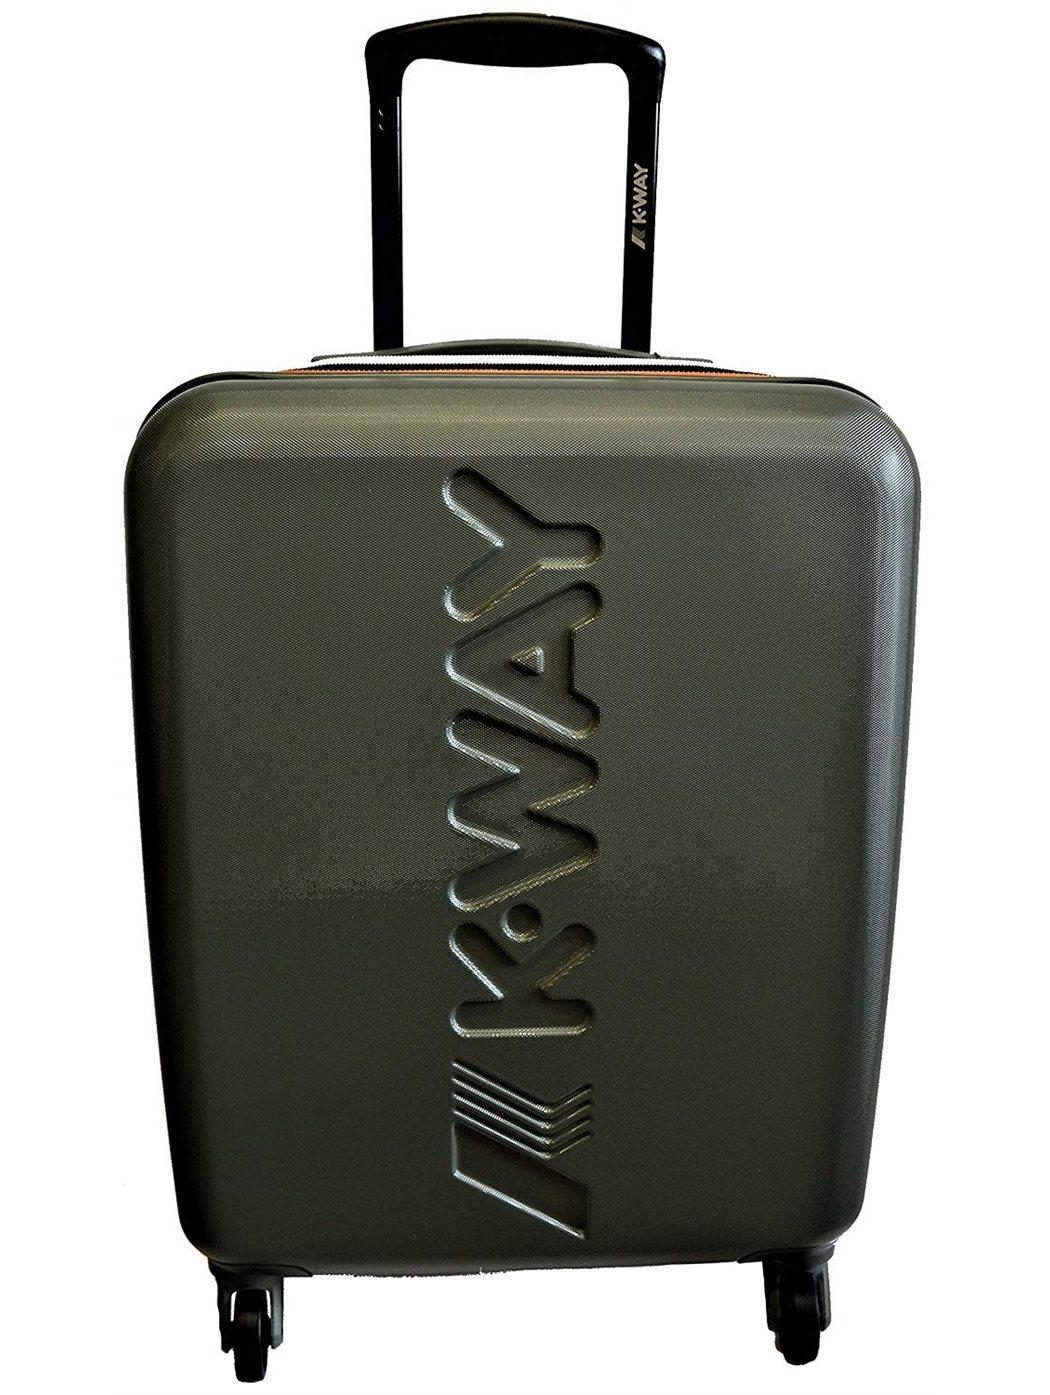 K-WAY 7AKK1G02 A5 VARI